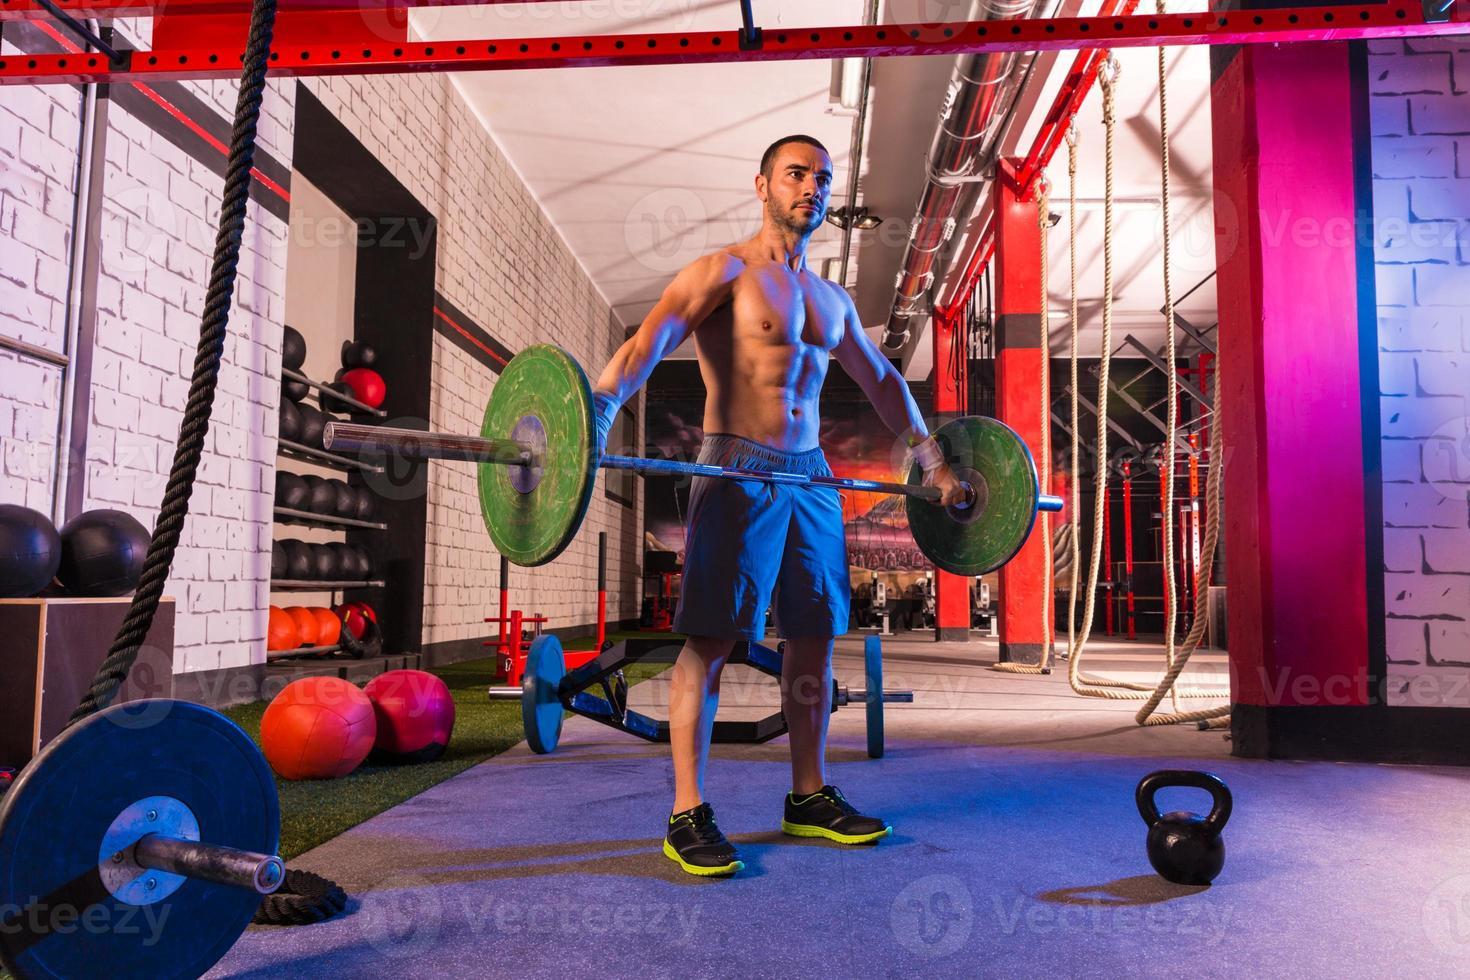 haltères haltérophilie homme séance d'entraînement exercice gym photo